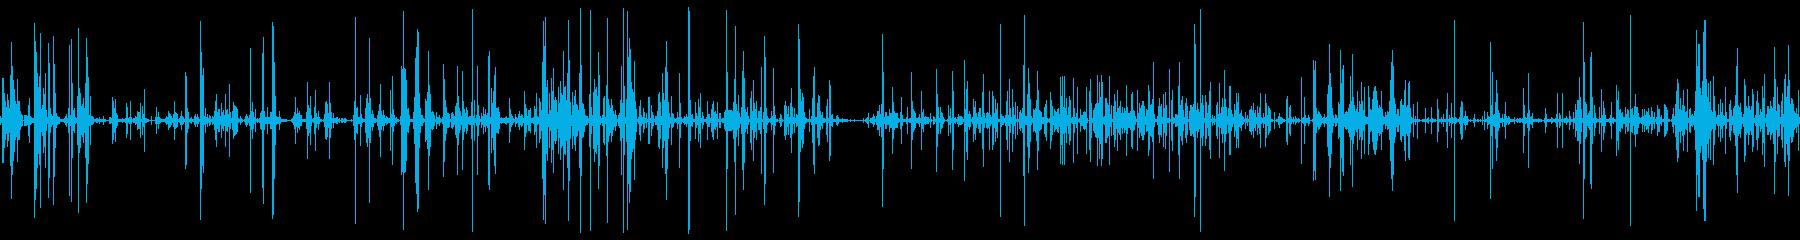 チェーンメタルジングル大部屋の再生済みの波形